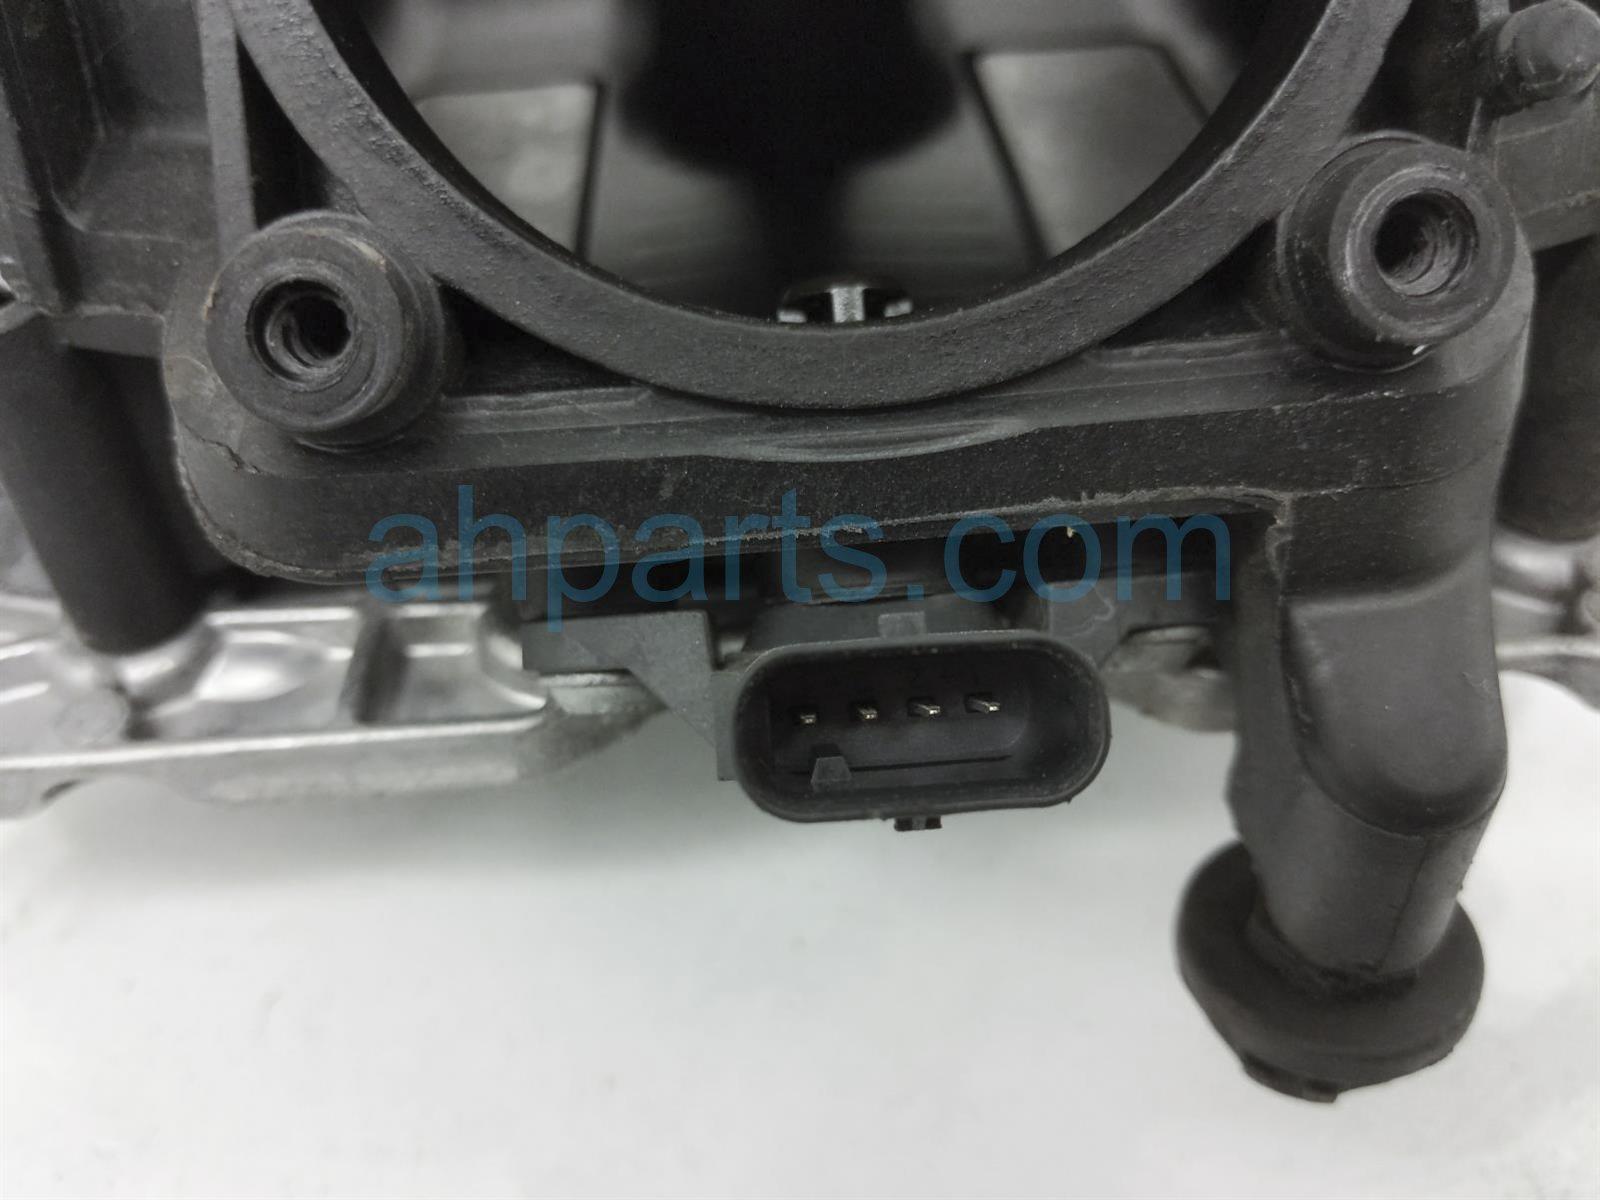 2014 BMW 328i Intake Manifold 11 61 7 588 126 Replacement